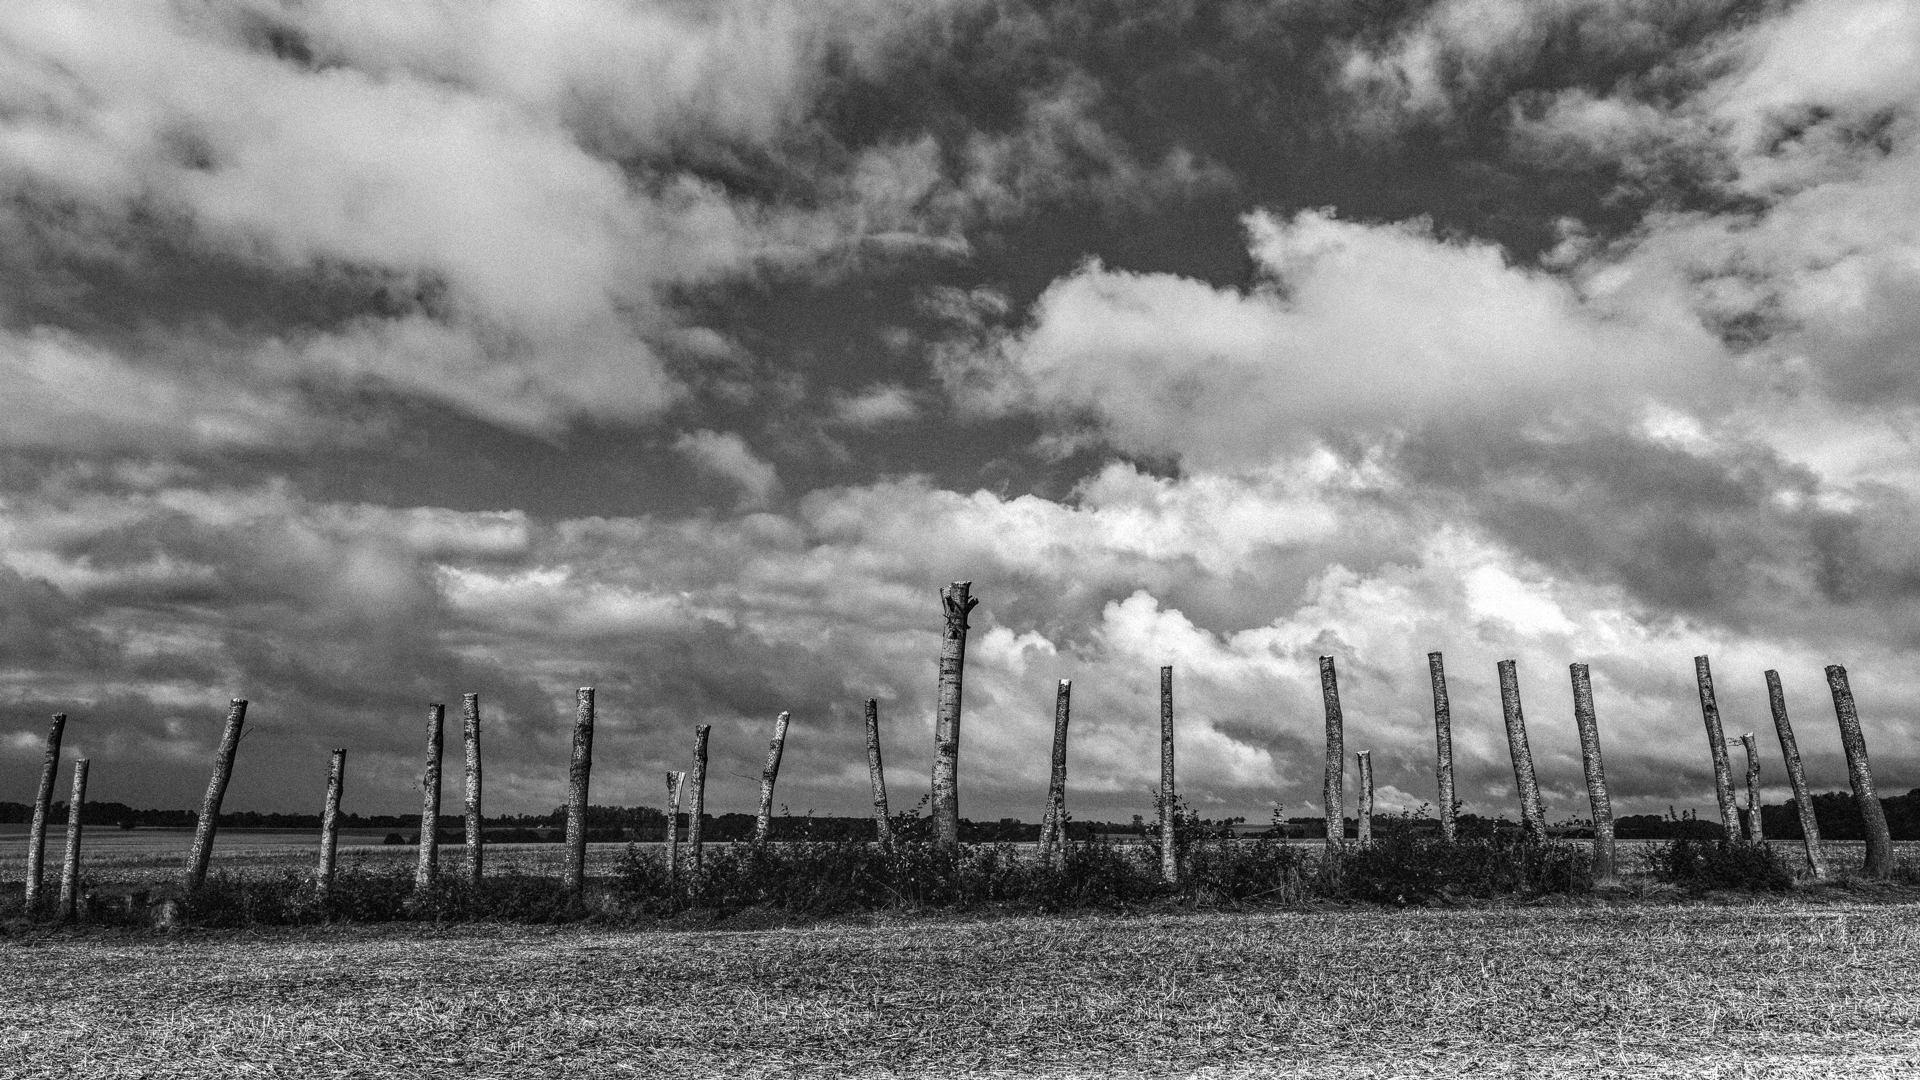 Le cimetière des arbres